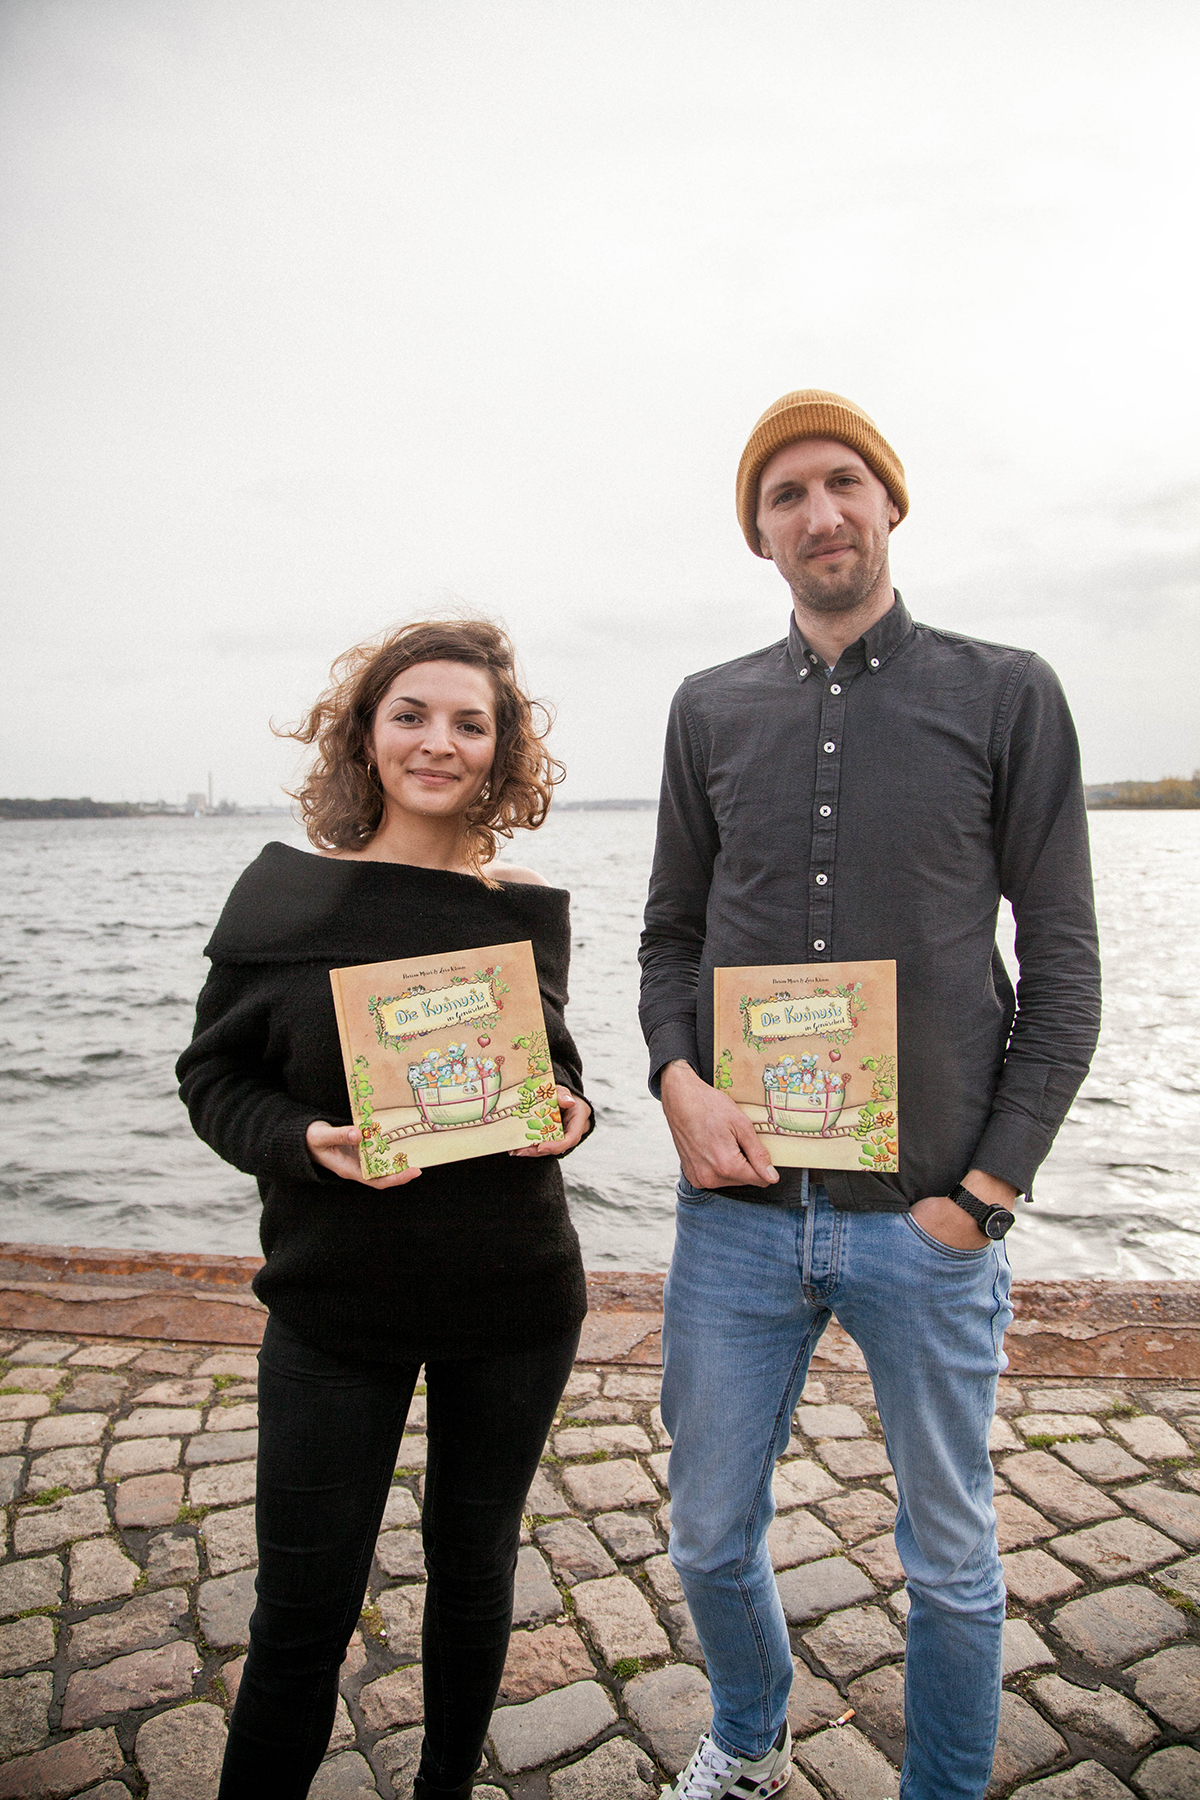 Lara und Florian mit dem Buch am Wasser